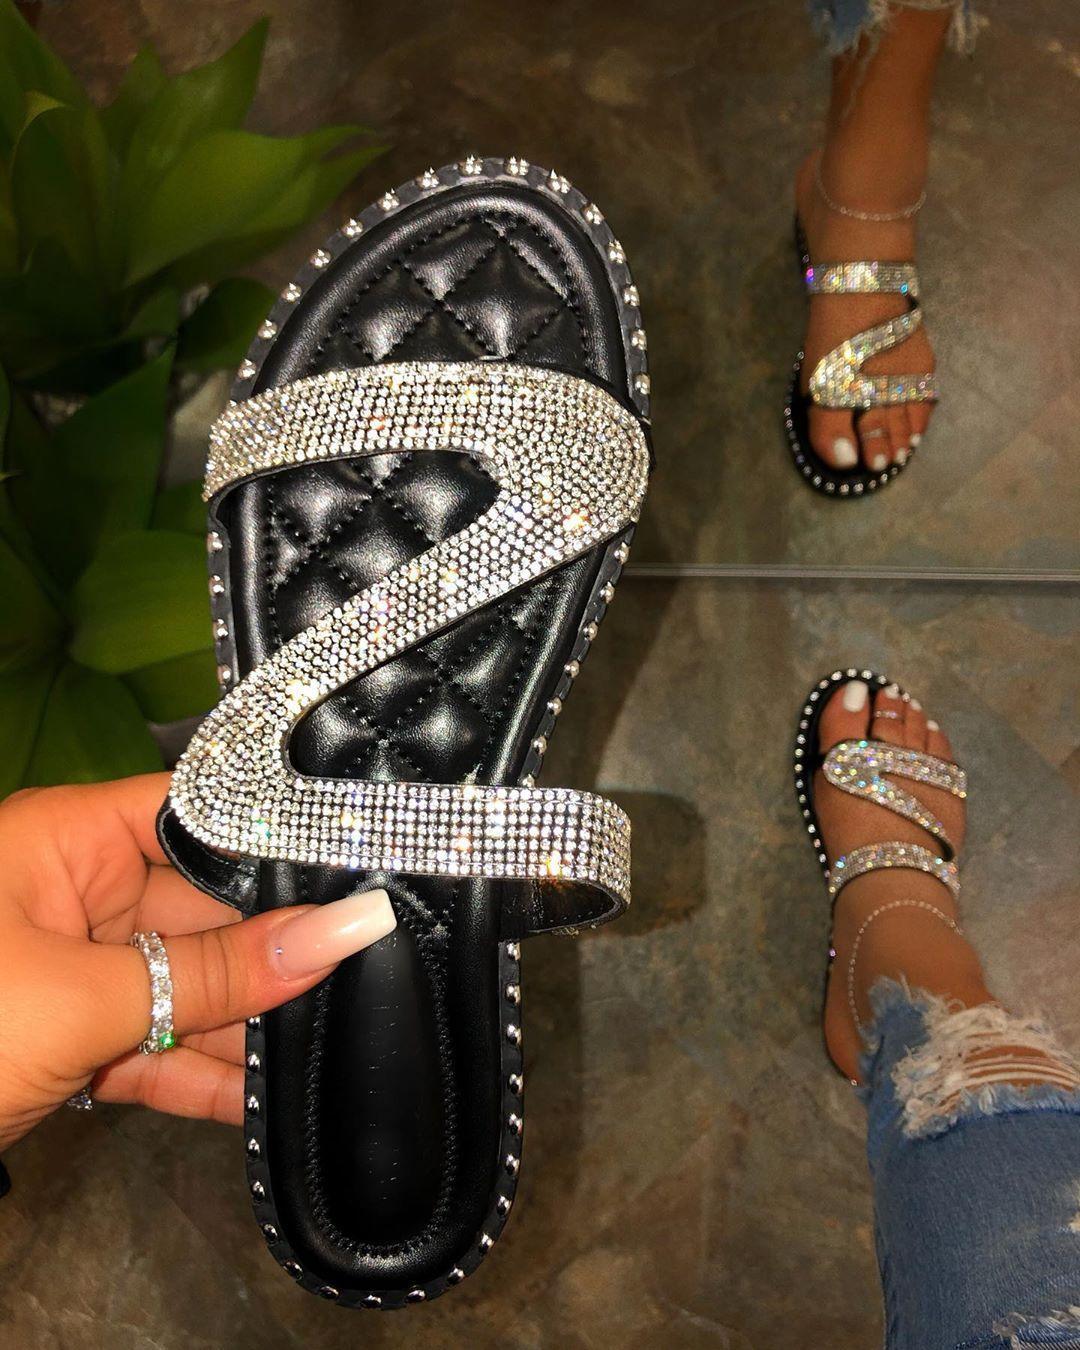 estilo explosão mulheres chinelos de verão novos sapatos de praia sapatos rasos mulheres moda strass sandálias das mulheres